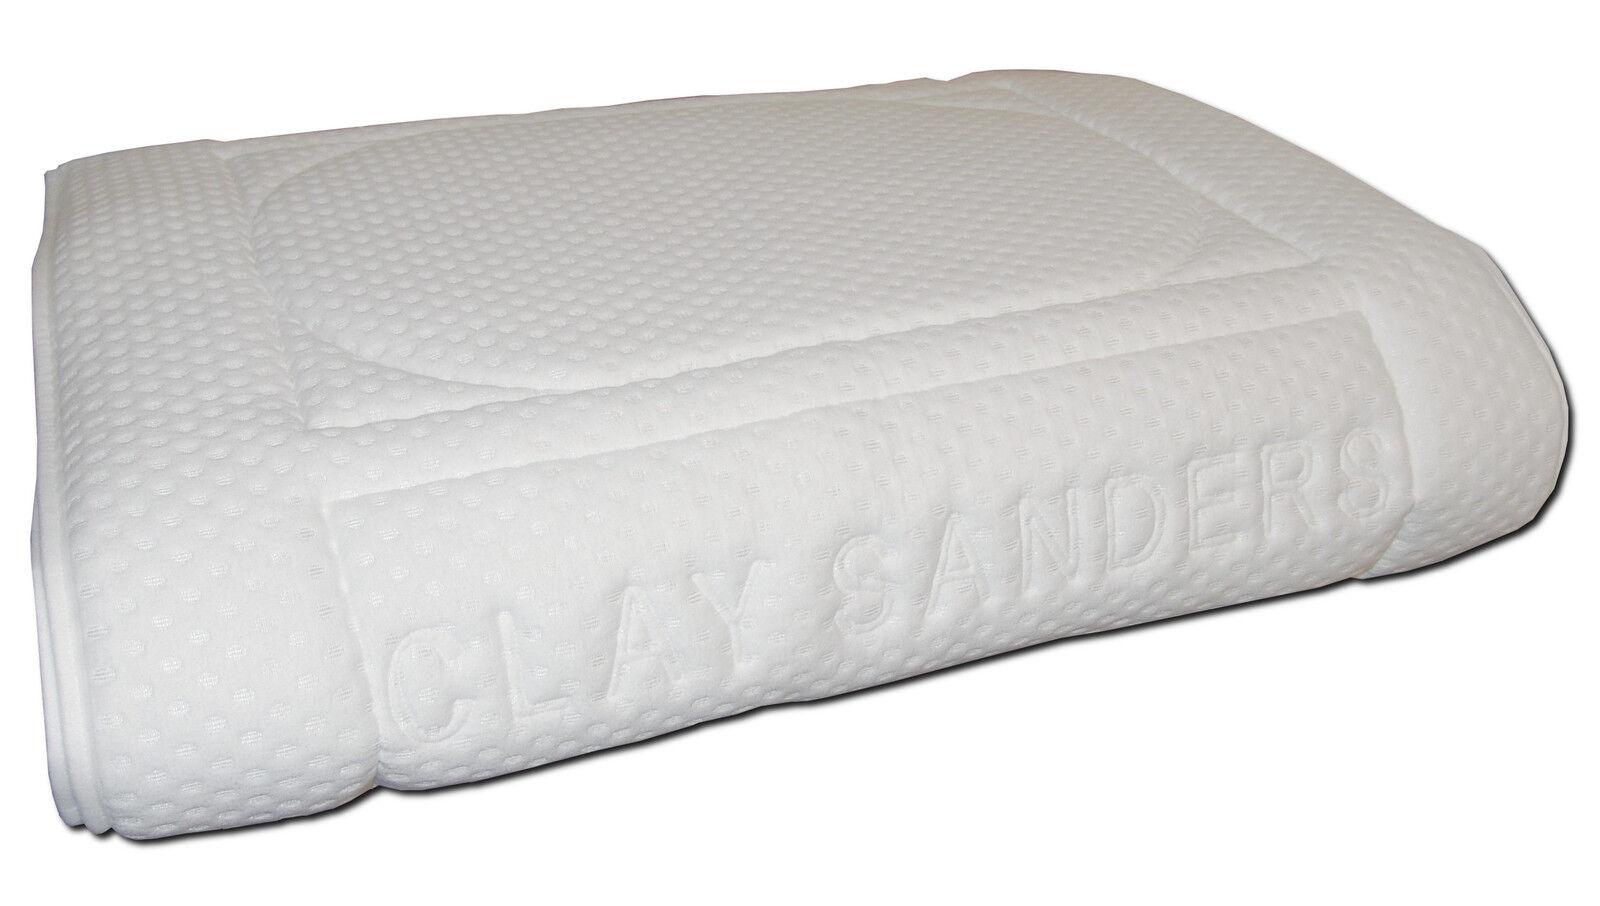 Auflage Bezug Baumwolle für Wasserbetten LUXUSQUALITÄT Clay Sanders Rundumbezug